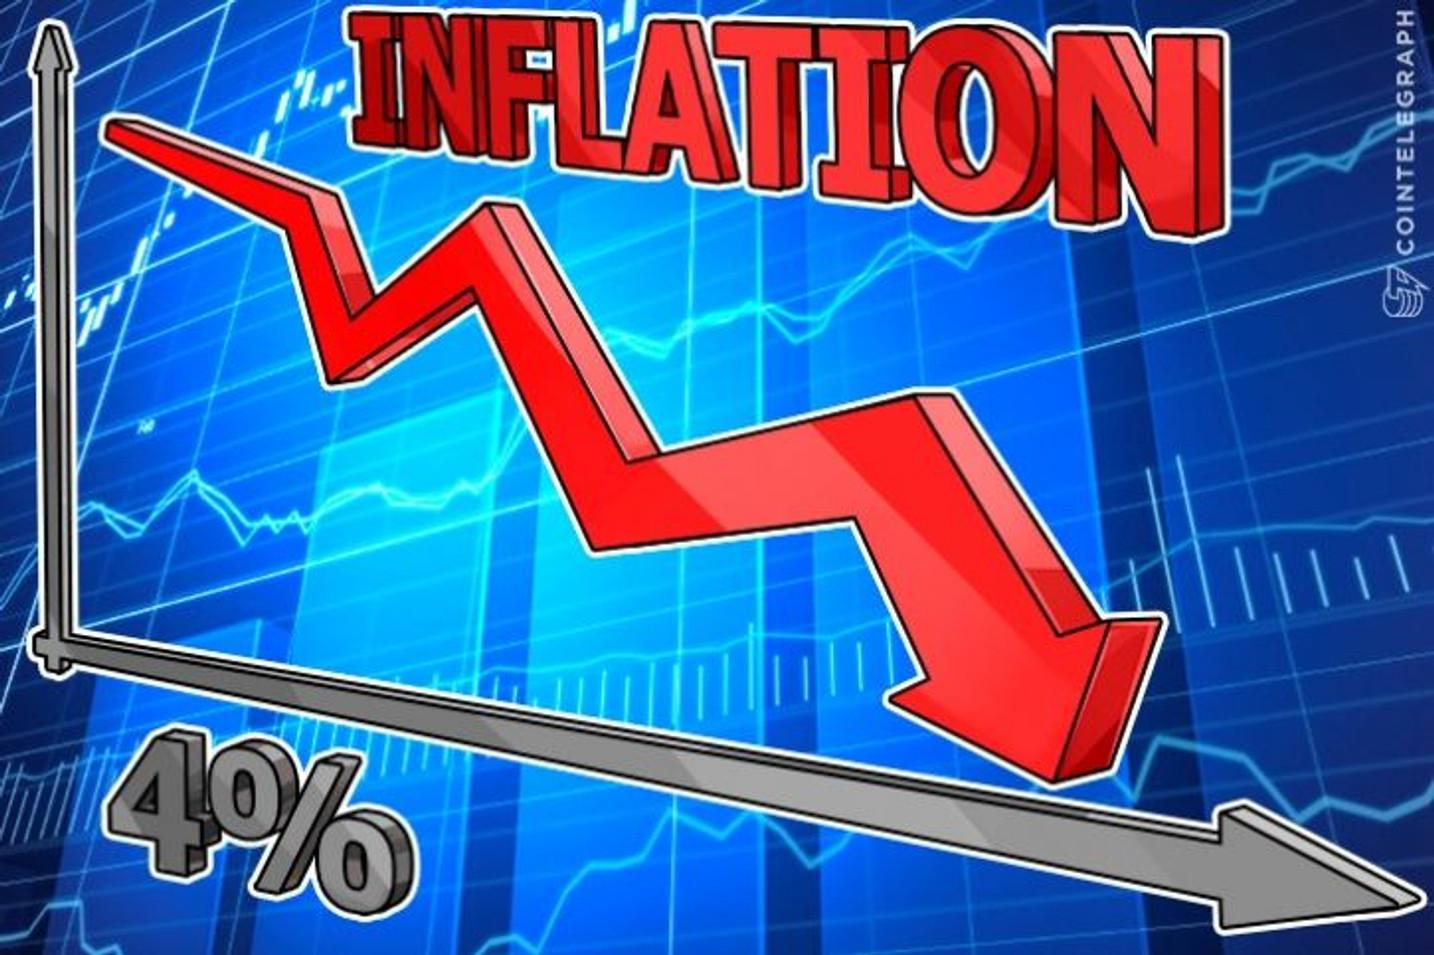 ¡Inflación!: Locuras, mitos y sandeces